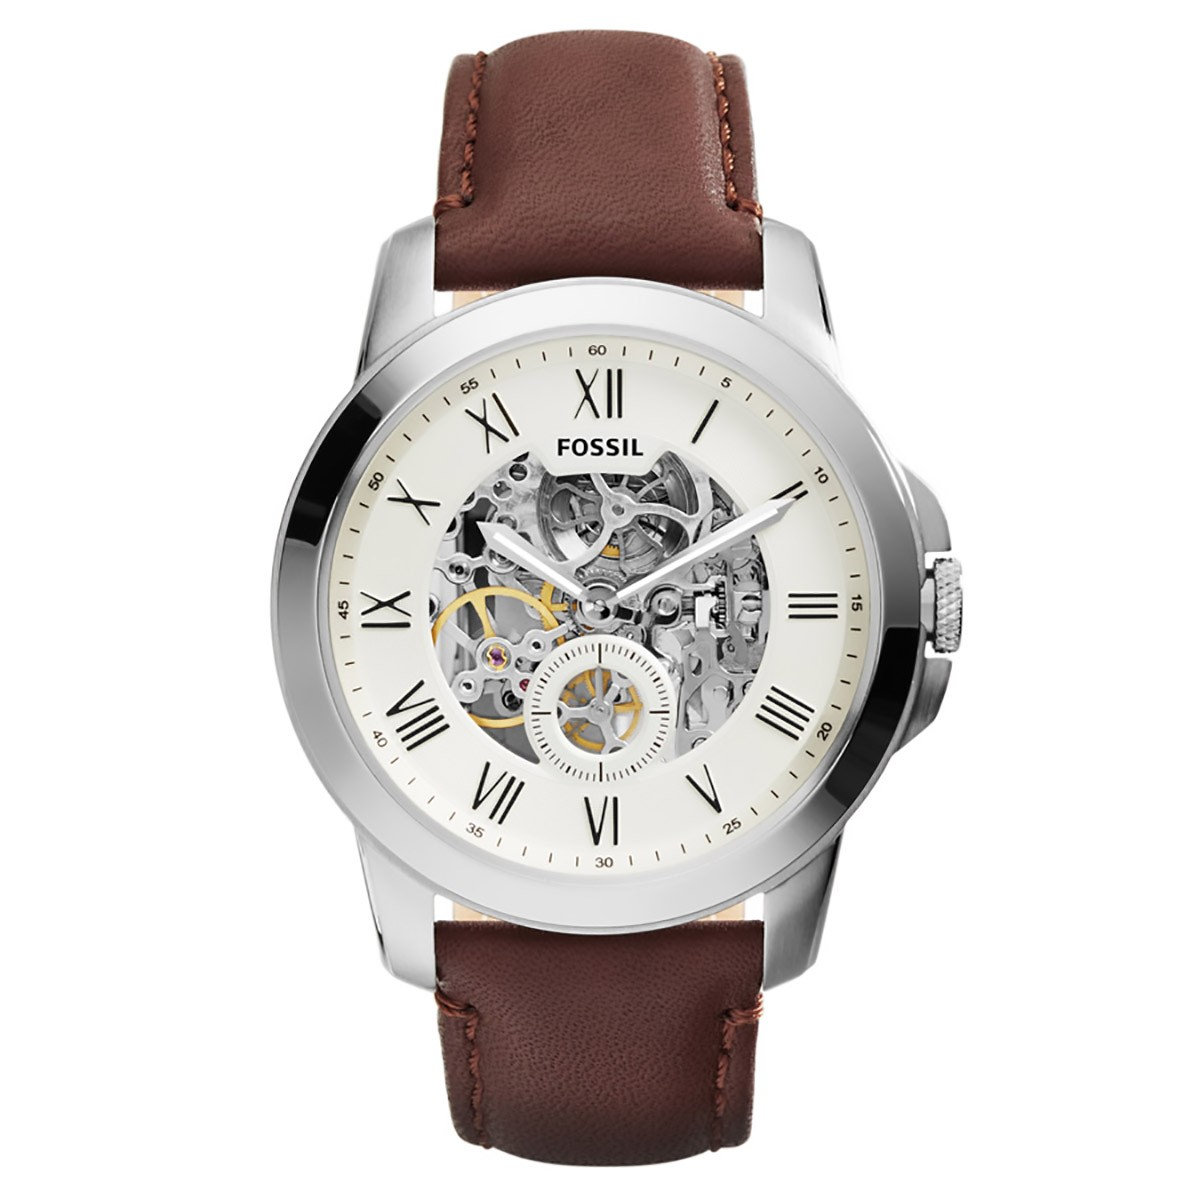 4956ed95eee06 Compre Relógio Fossil Grant Automático em 10X   Tri-Jóia Shop